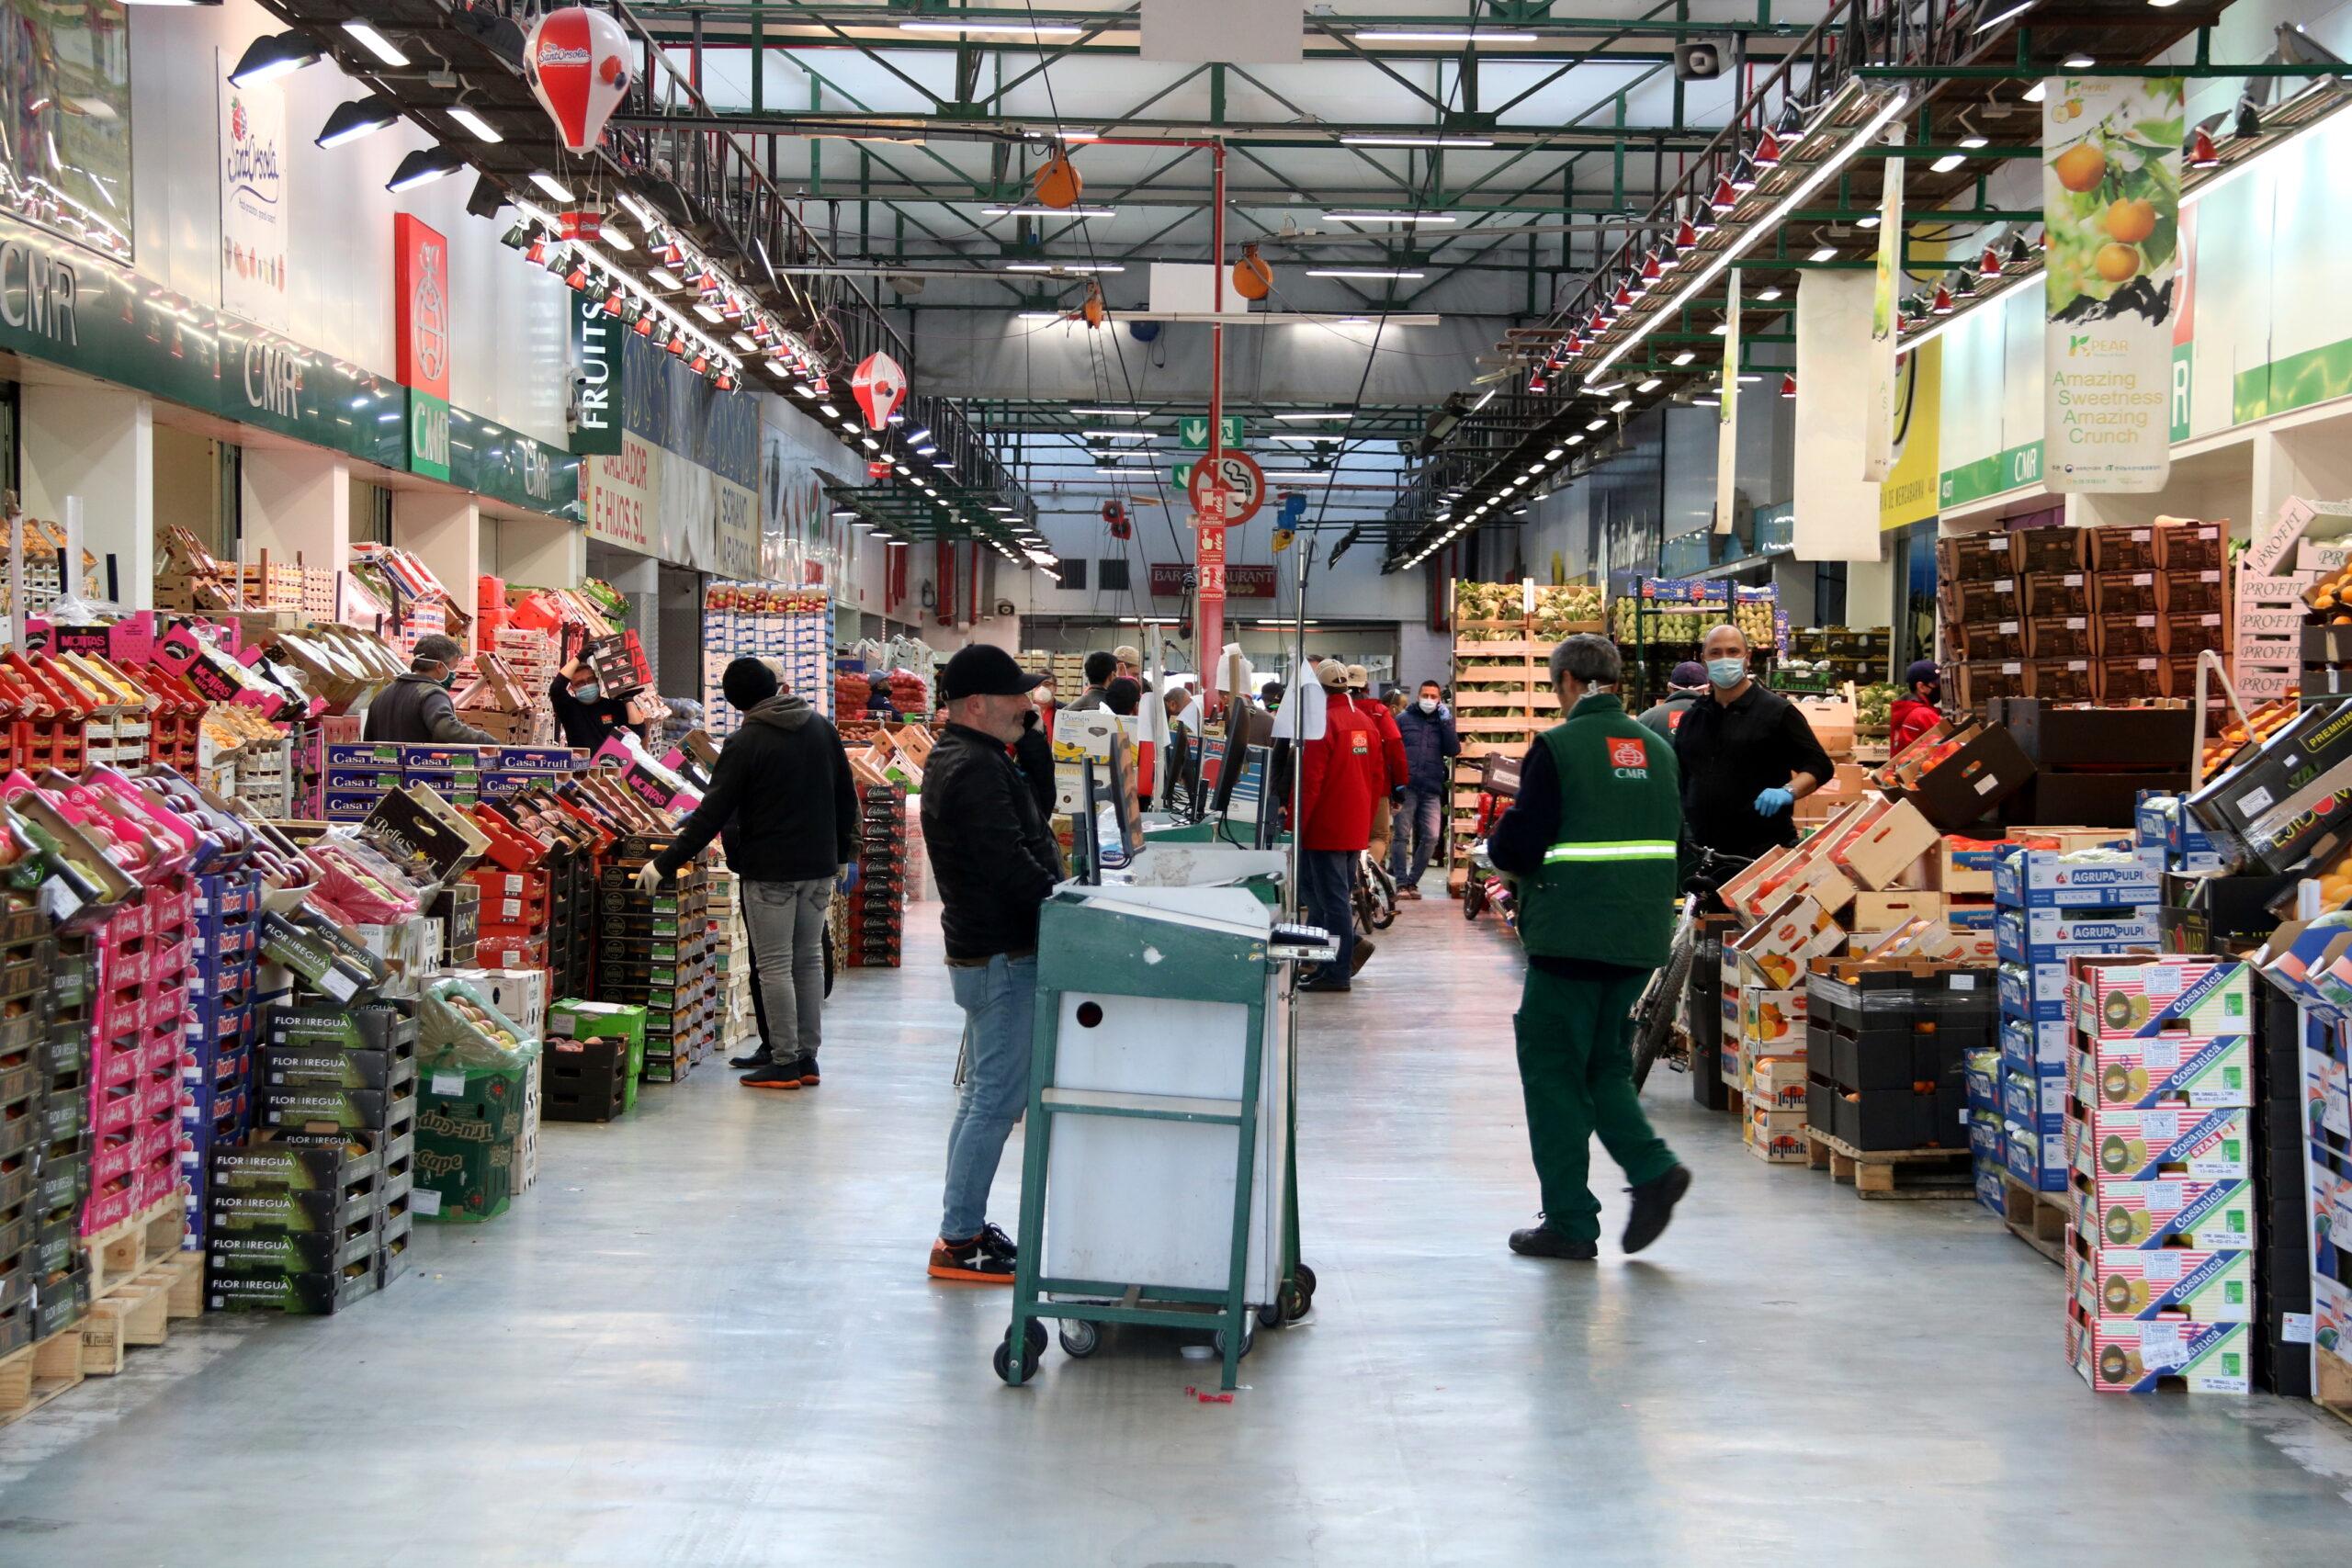 Un dels pavellons del mercat central de fruites hortalisses de Mercabarna | ACN